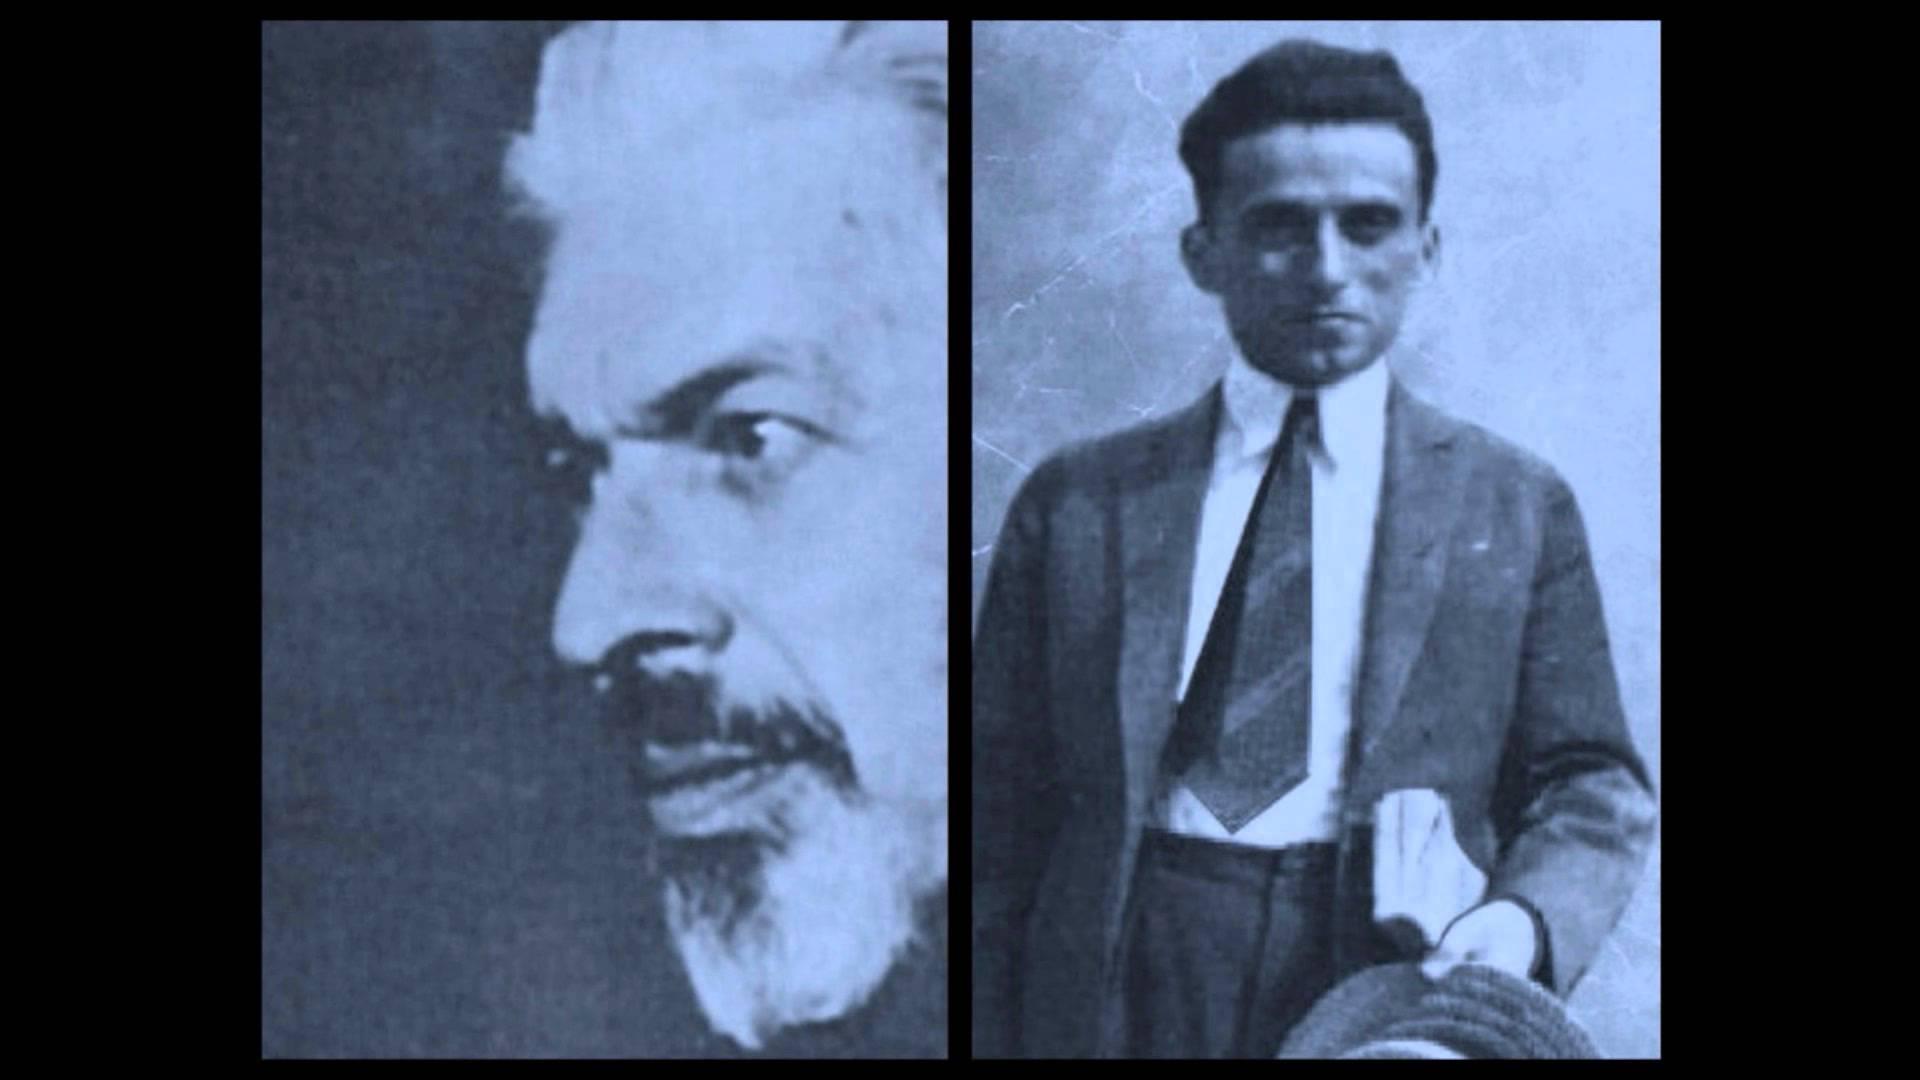 3/08/1975 φεύγει ο ποιητής, πεζογράφος και ψυχαναλυτής Ανδρέας Εμπειρίκος